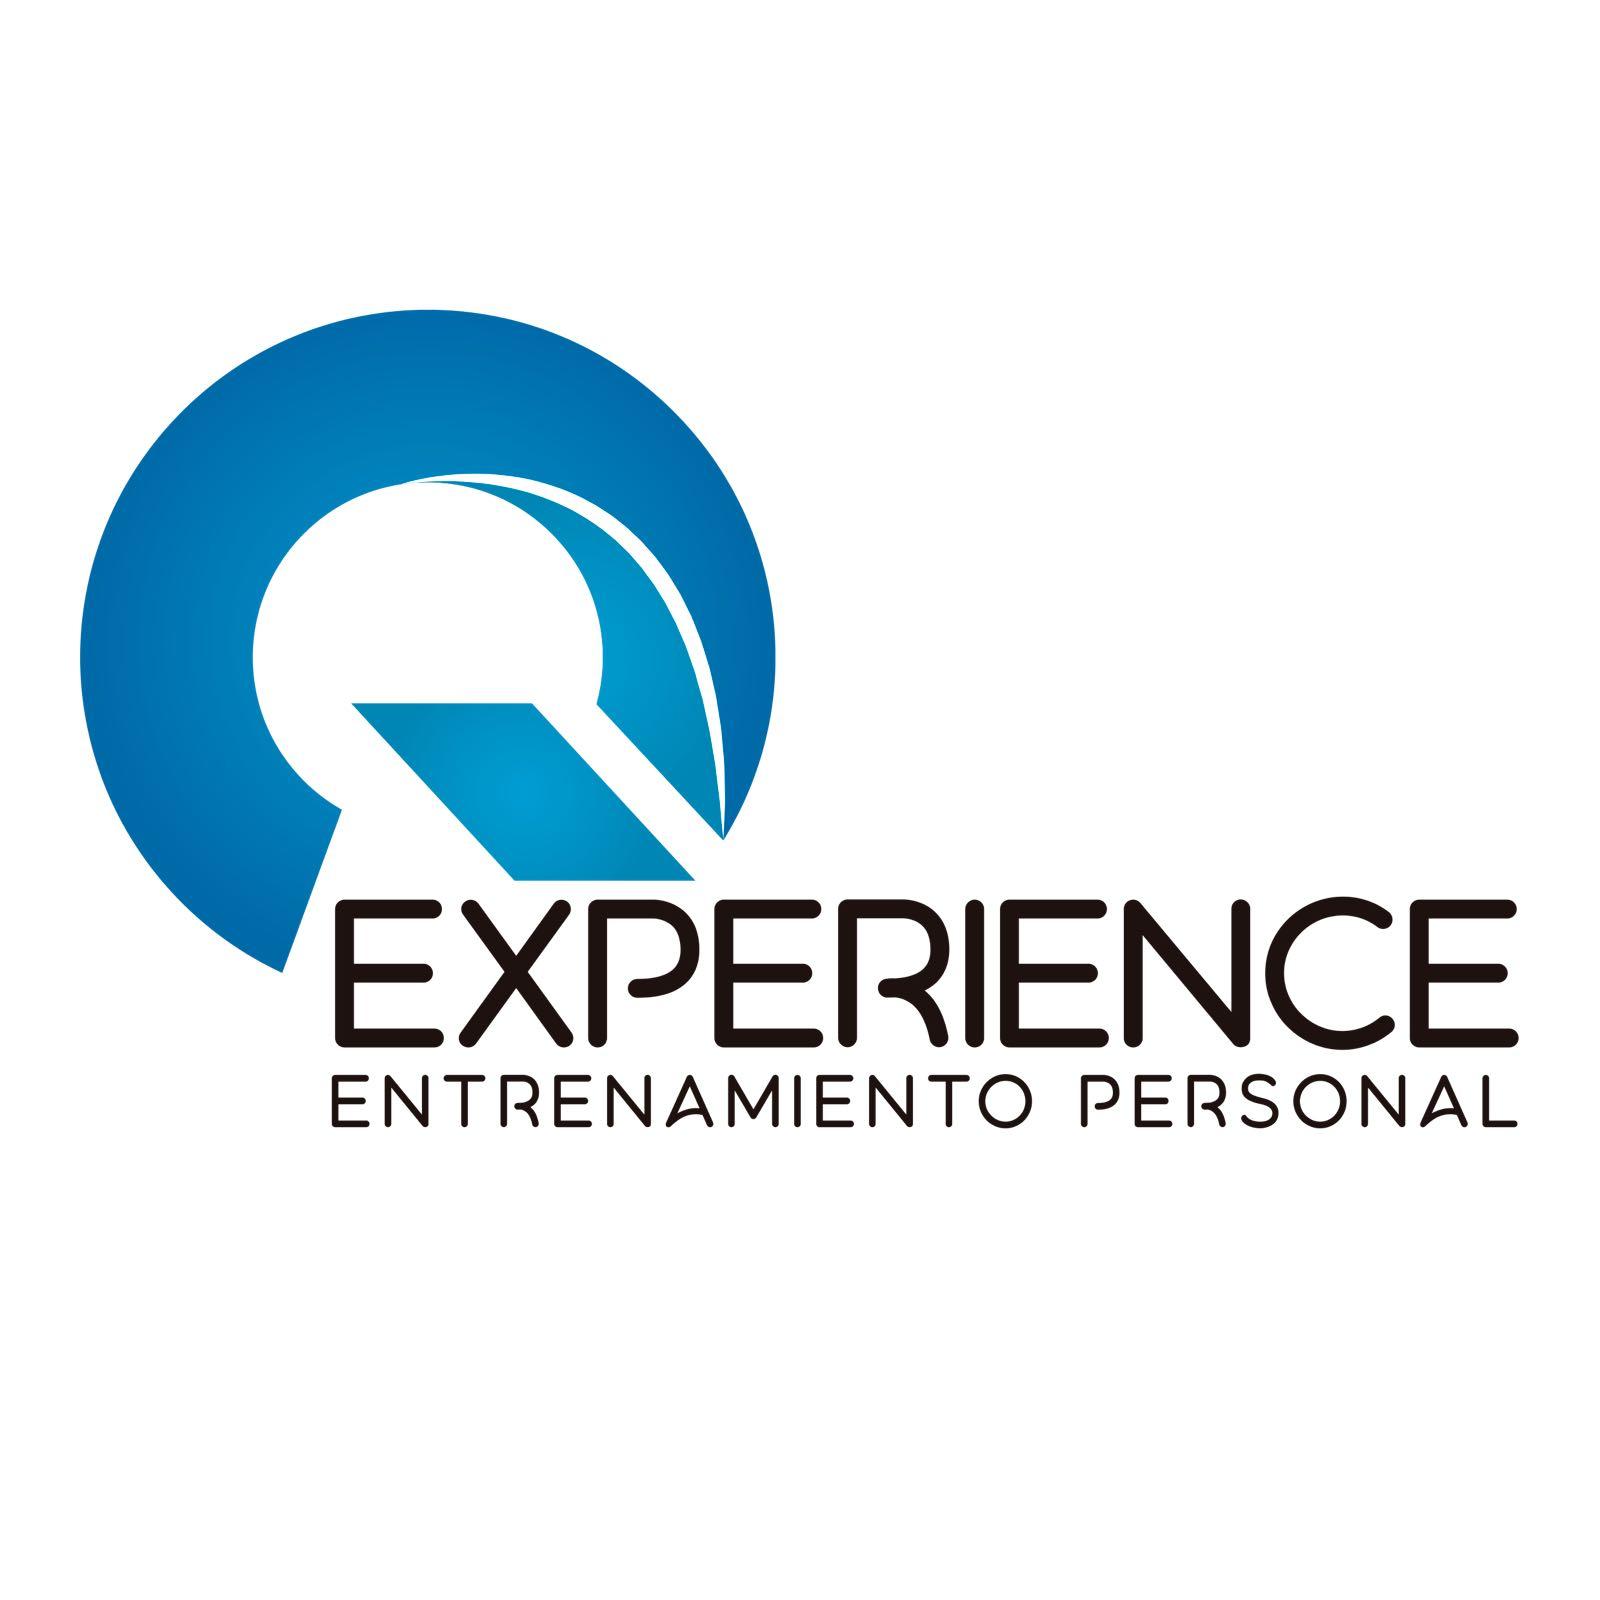 Logotipo de Experience, Entrenamiento Personal